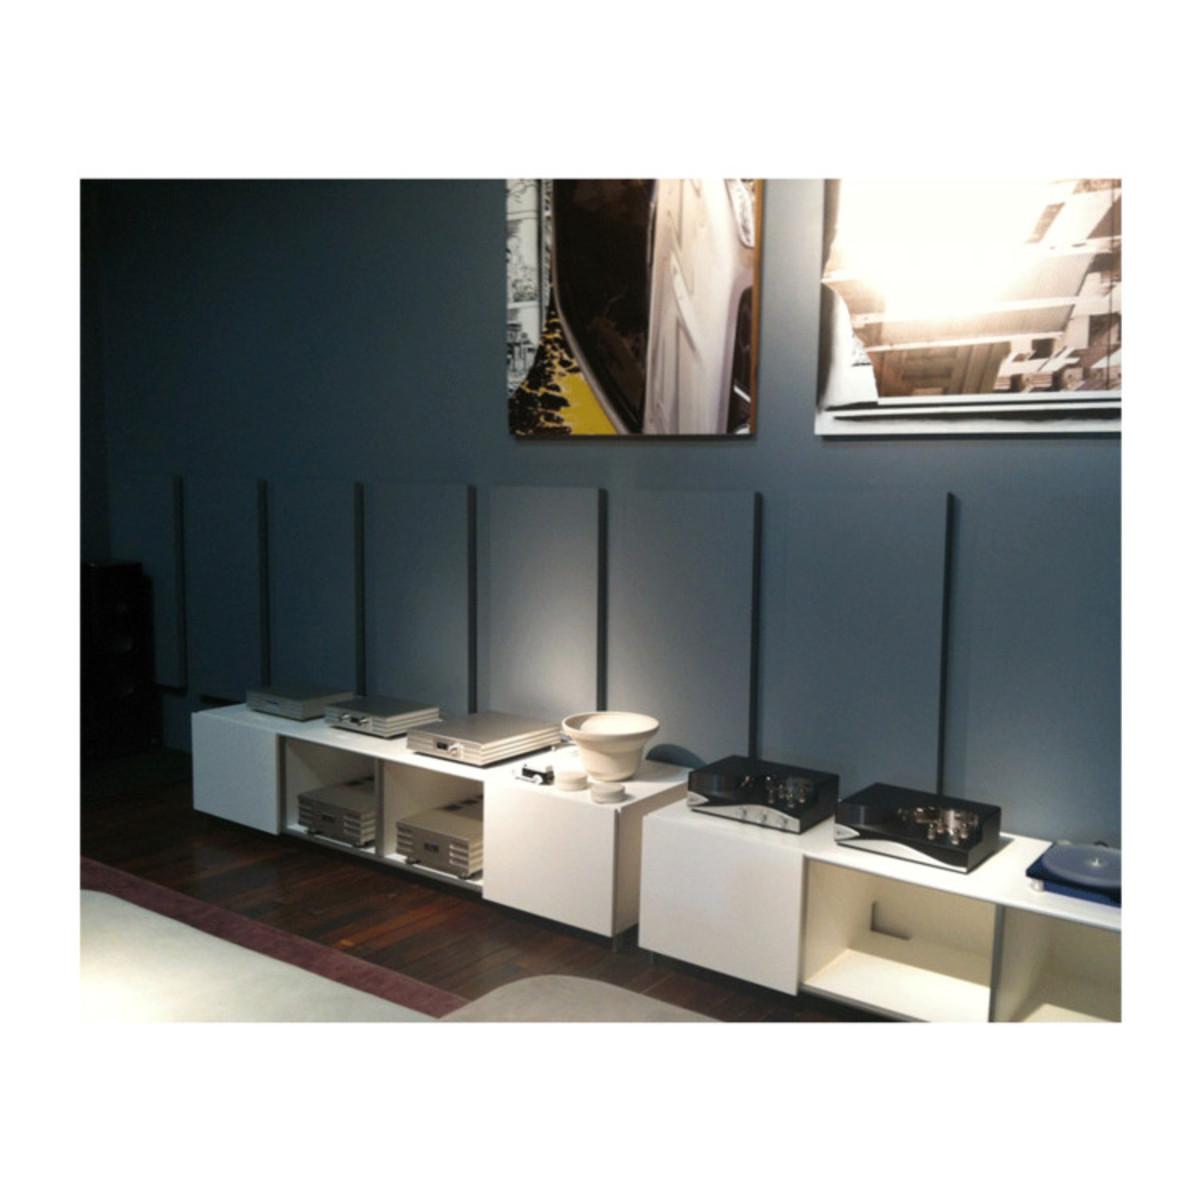 Primacoustic paintables 24x48 pollici pannello acustico pitturabile bordo quadrato a - Mobili studio registrazione ...